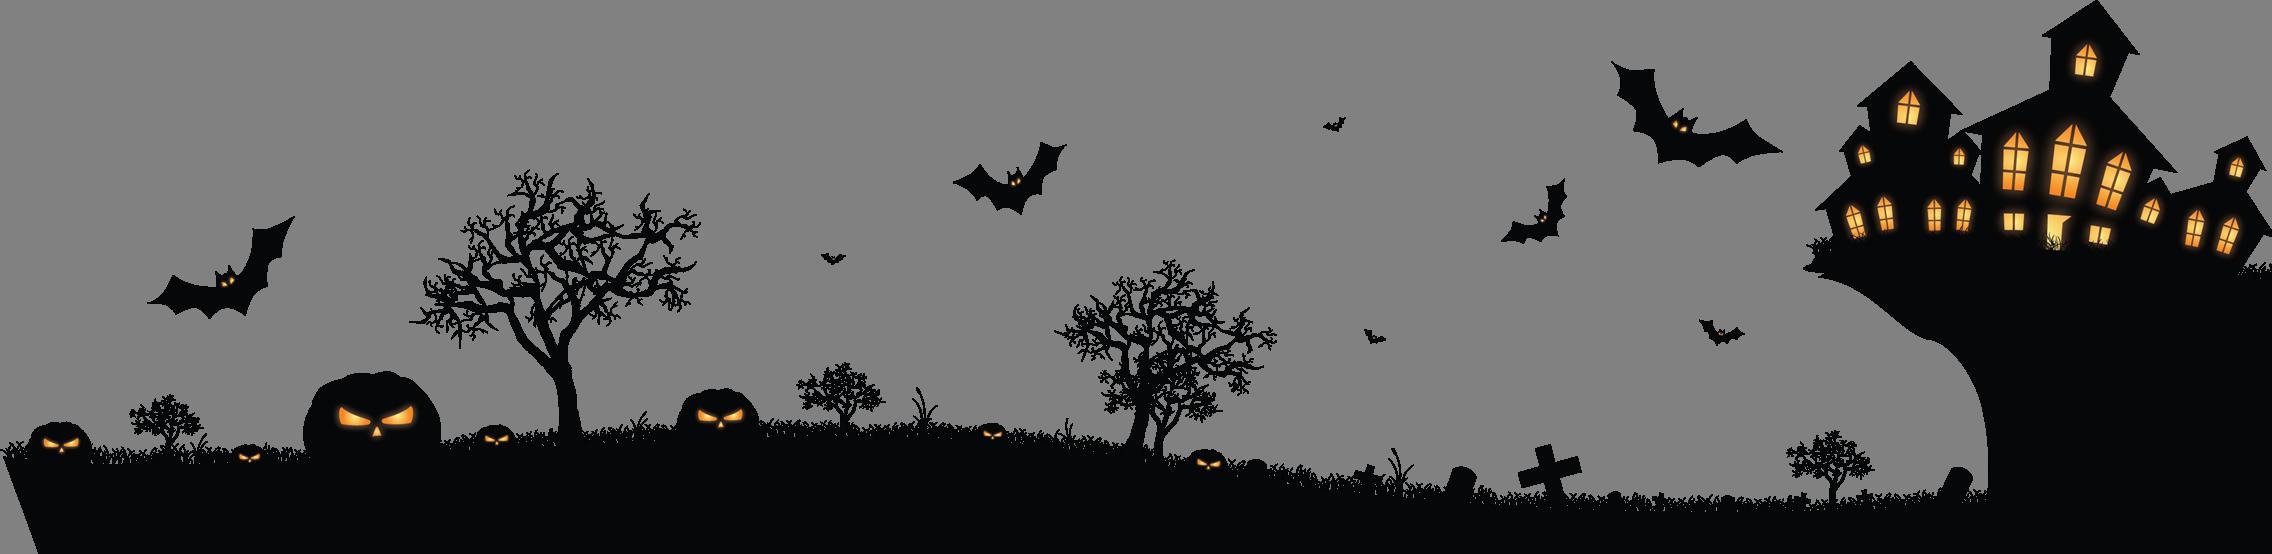 Halloween graveyard clipart image download Backgrounds Halloween Pictures Group (60+) image download